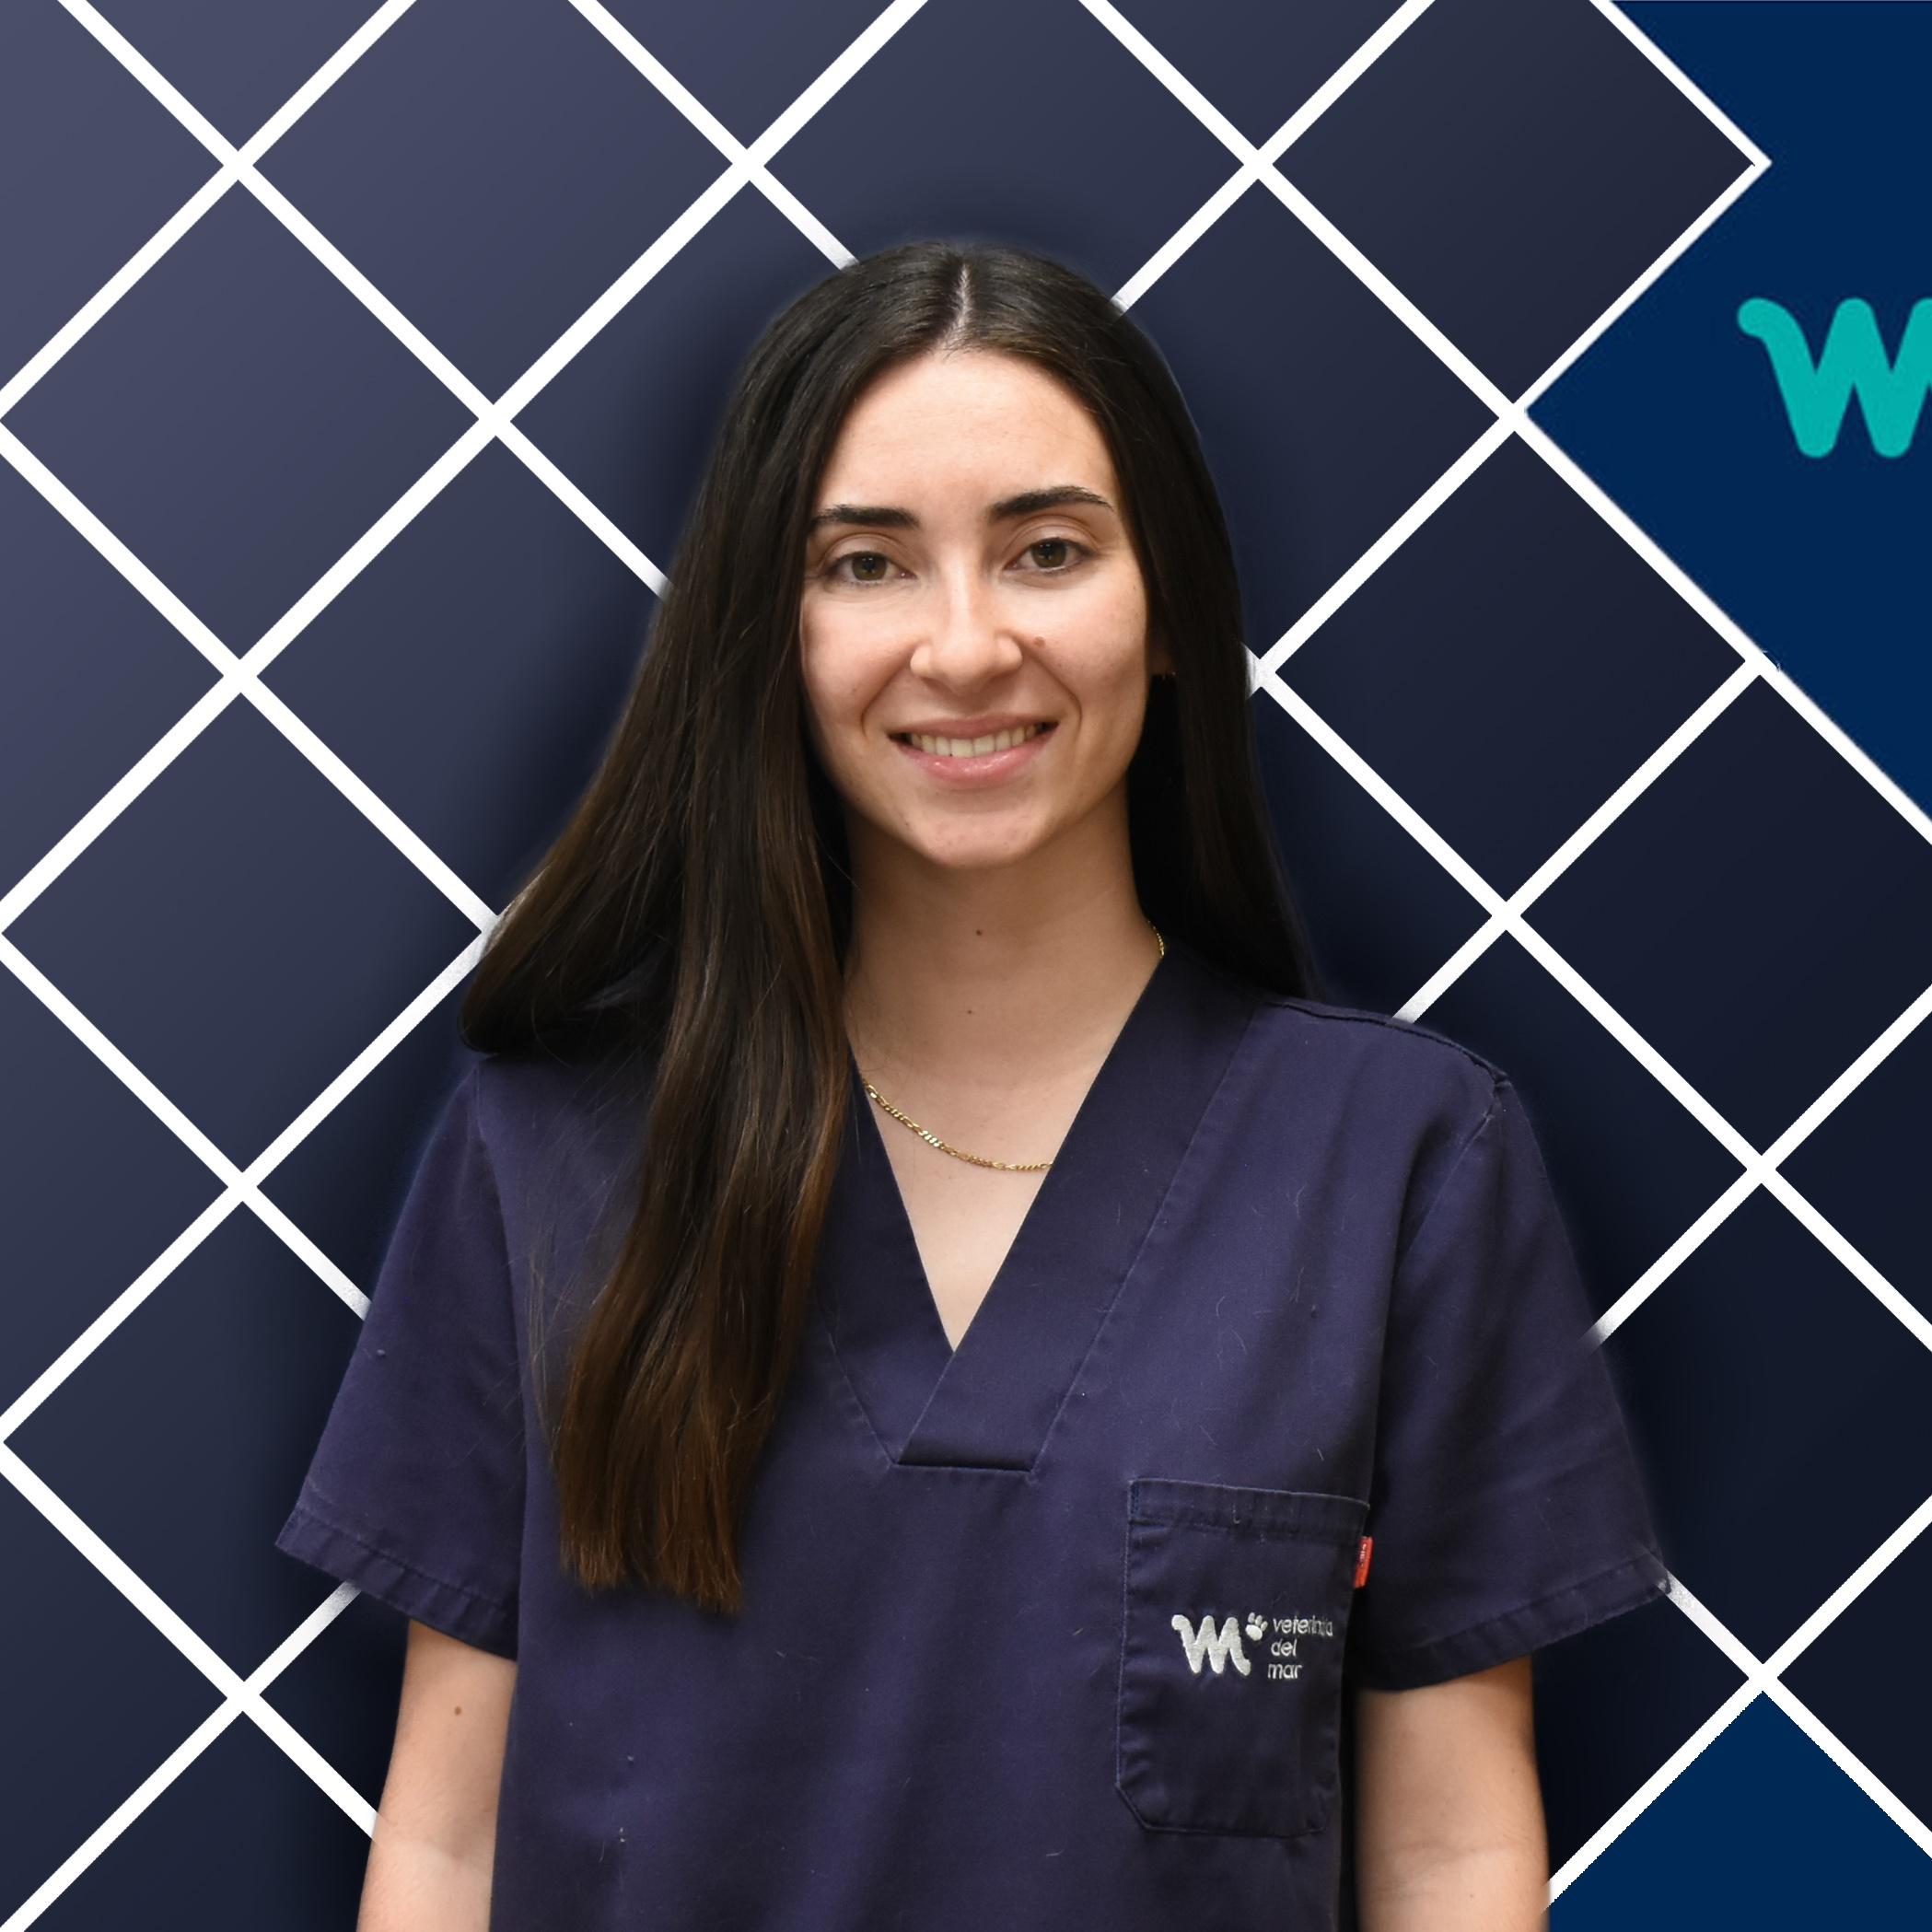 Veterinarian 24 hours | Claudia Estruch | Hospital Veterinario del Mar